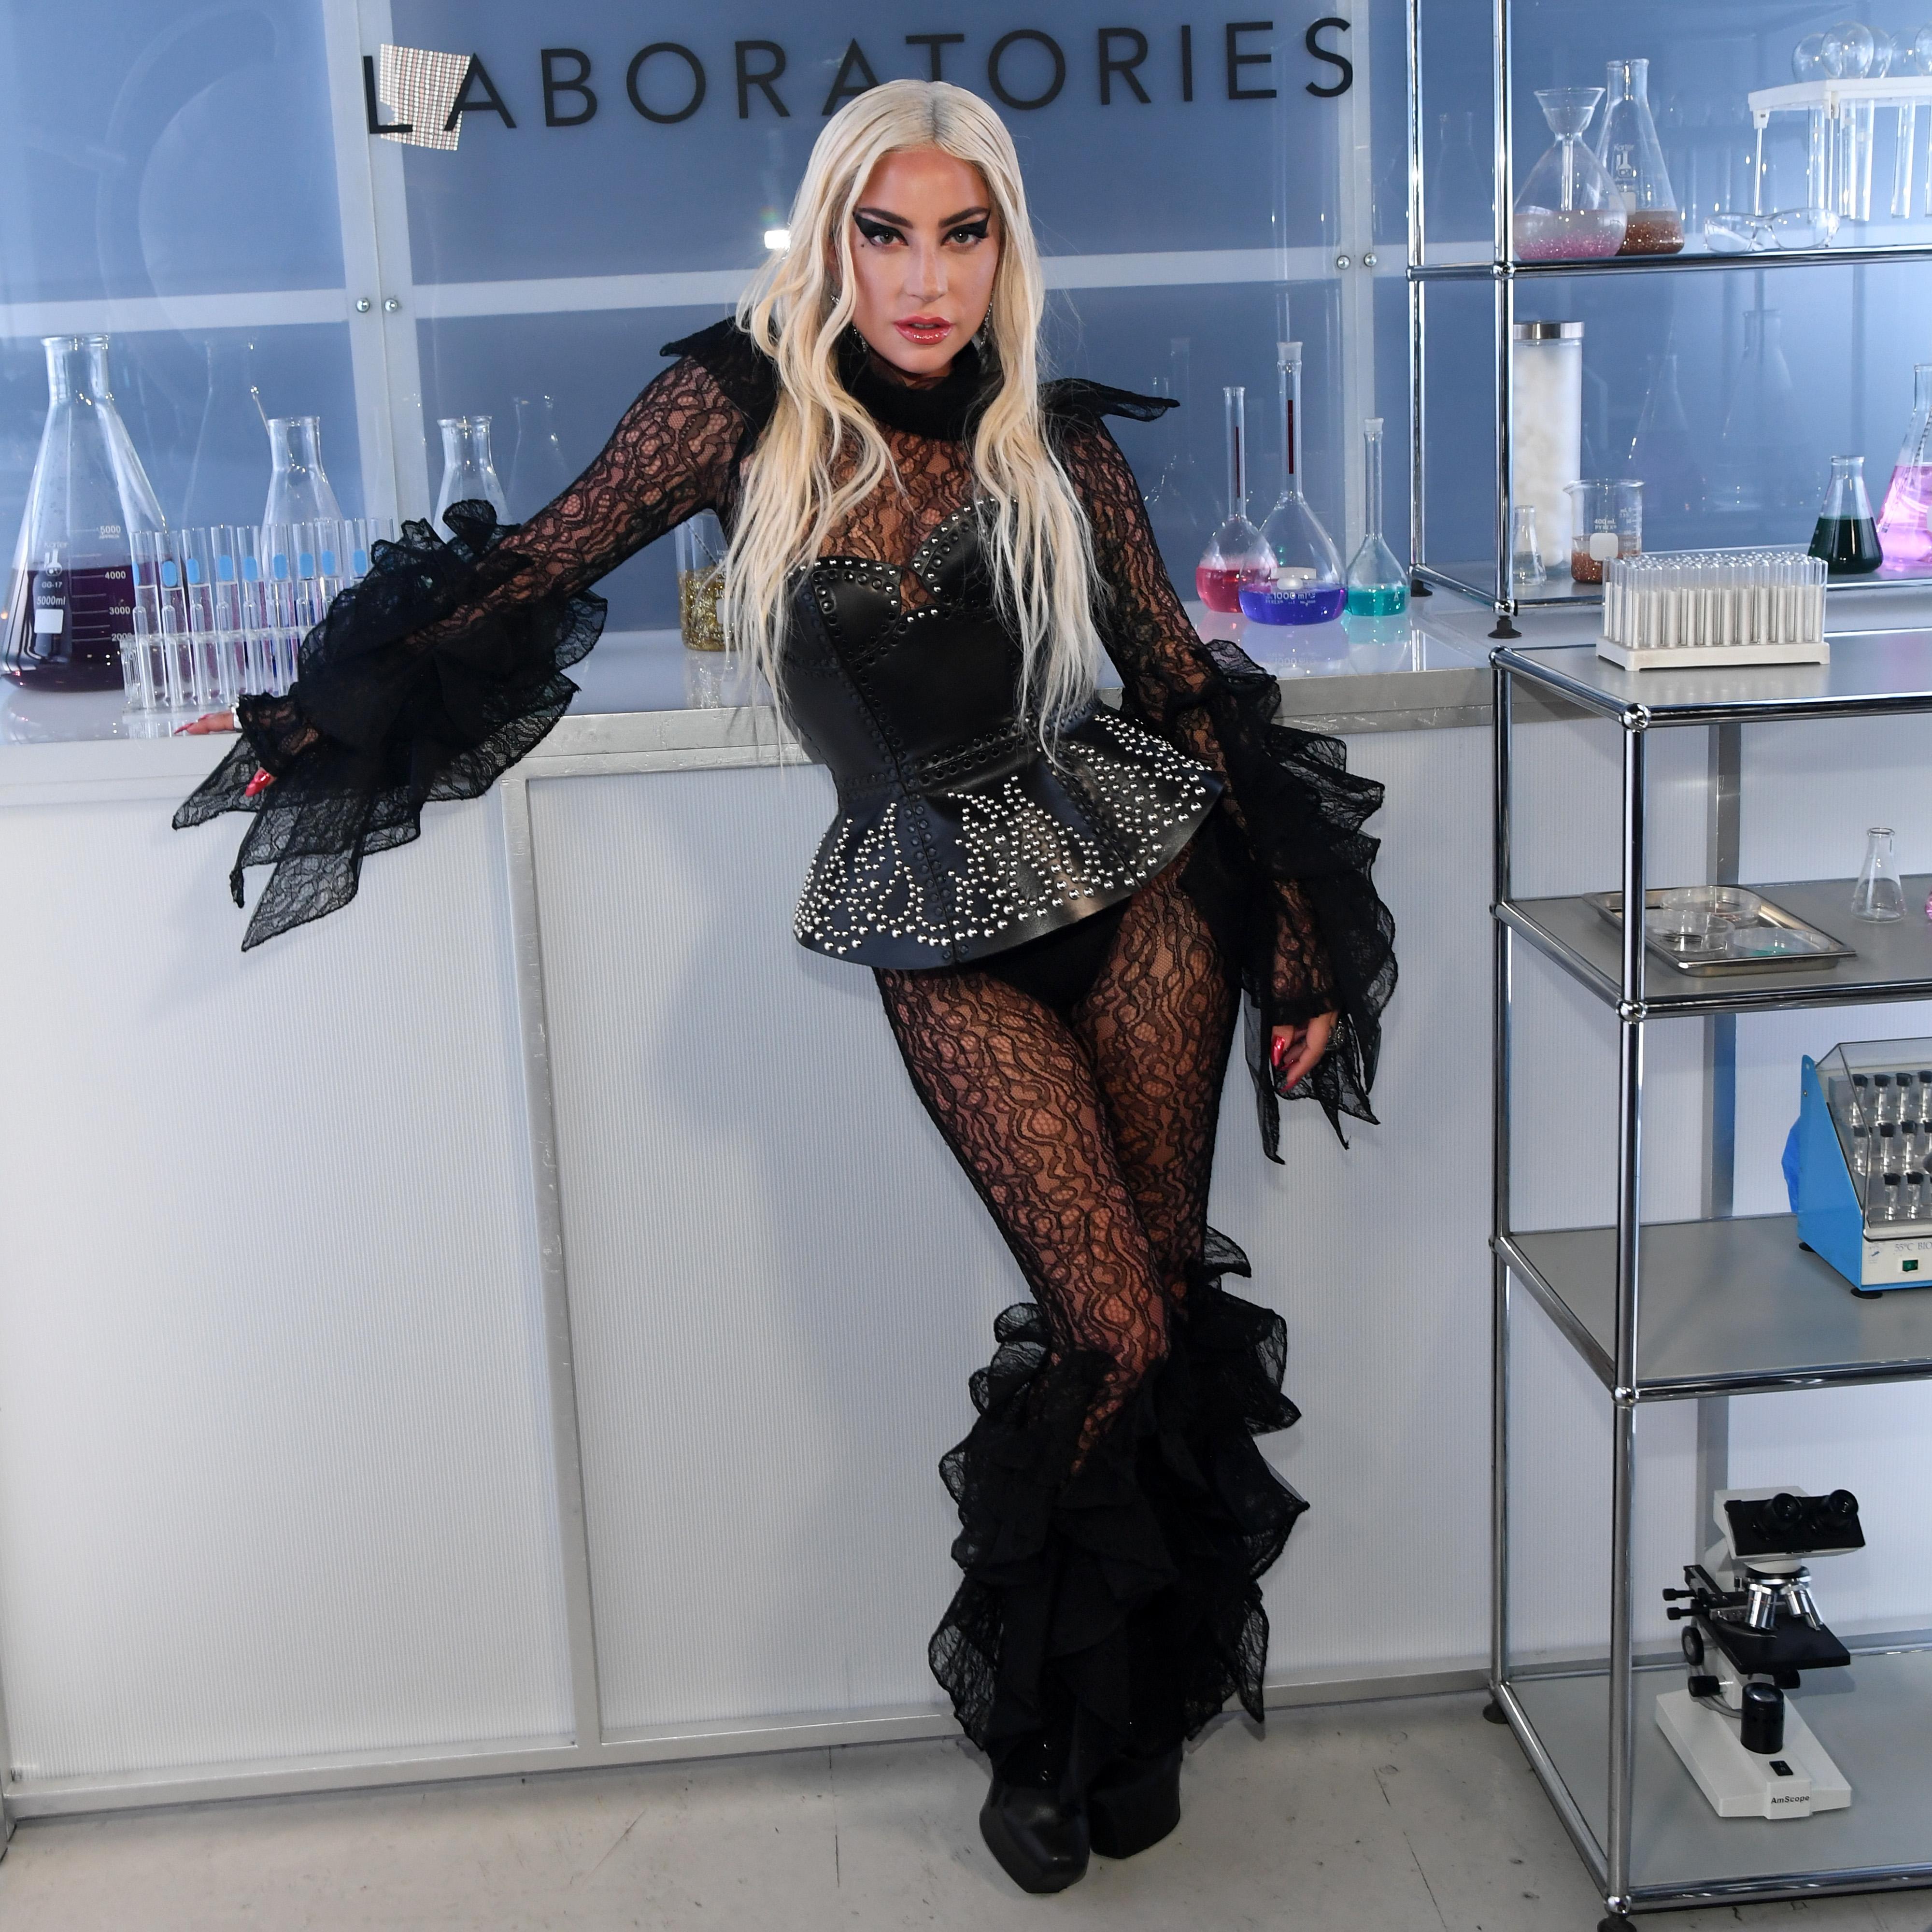 Лейди Гага лансира официално собствената си козметична линия Haus Laboratories с доста голяма забавяне, но за сметка на това с отчетлива пищност. Наборът от точно 6 разкрасителни продукта от гамата й все пак излезе в продажба през юли тази година. Сред тях има очни линии, моливи за устни, стикери, блестящи сенки в различни нюанси, налични на HausLabs.com и в Amazon, на цени от 16 до 49 долара.